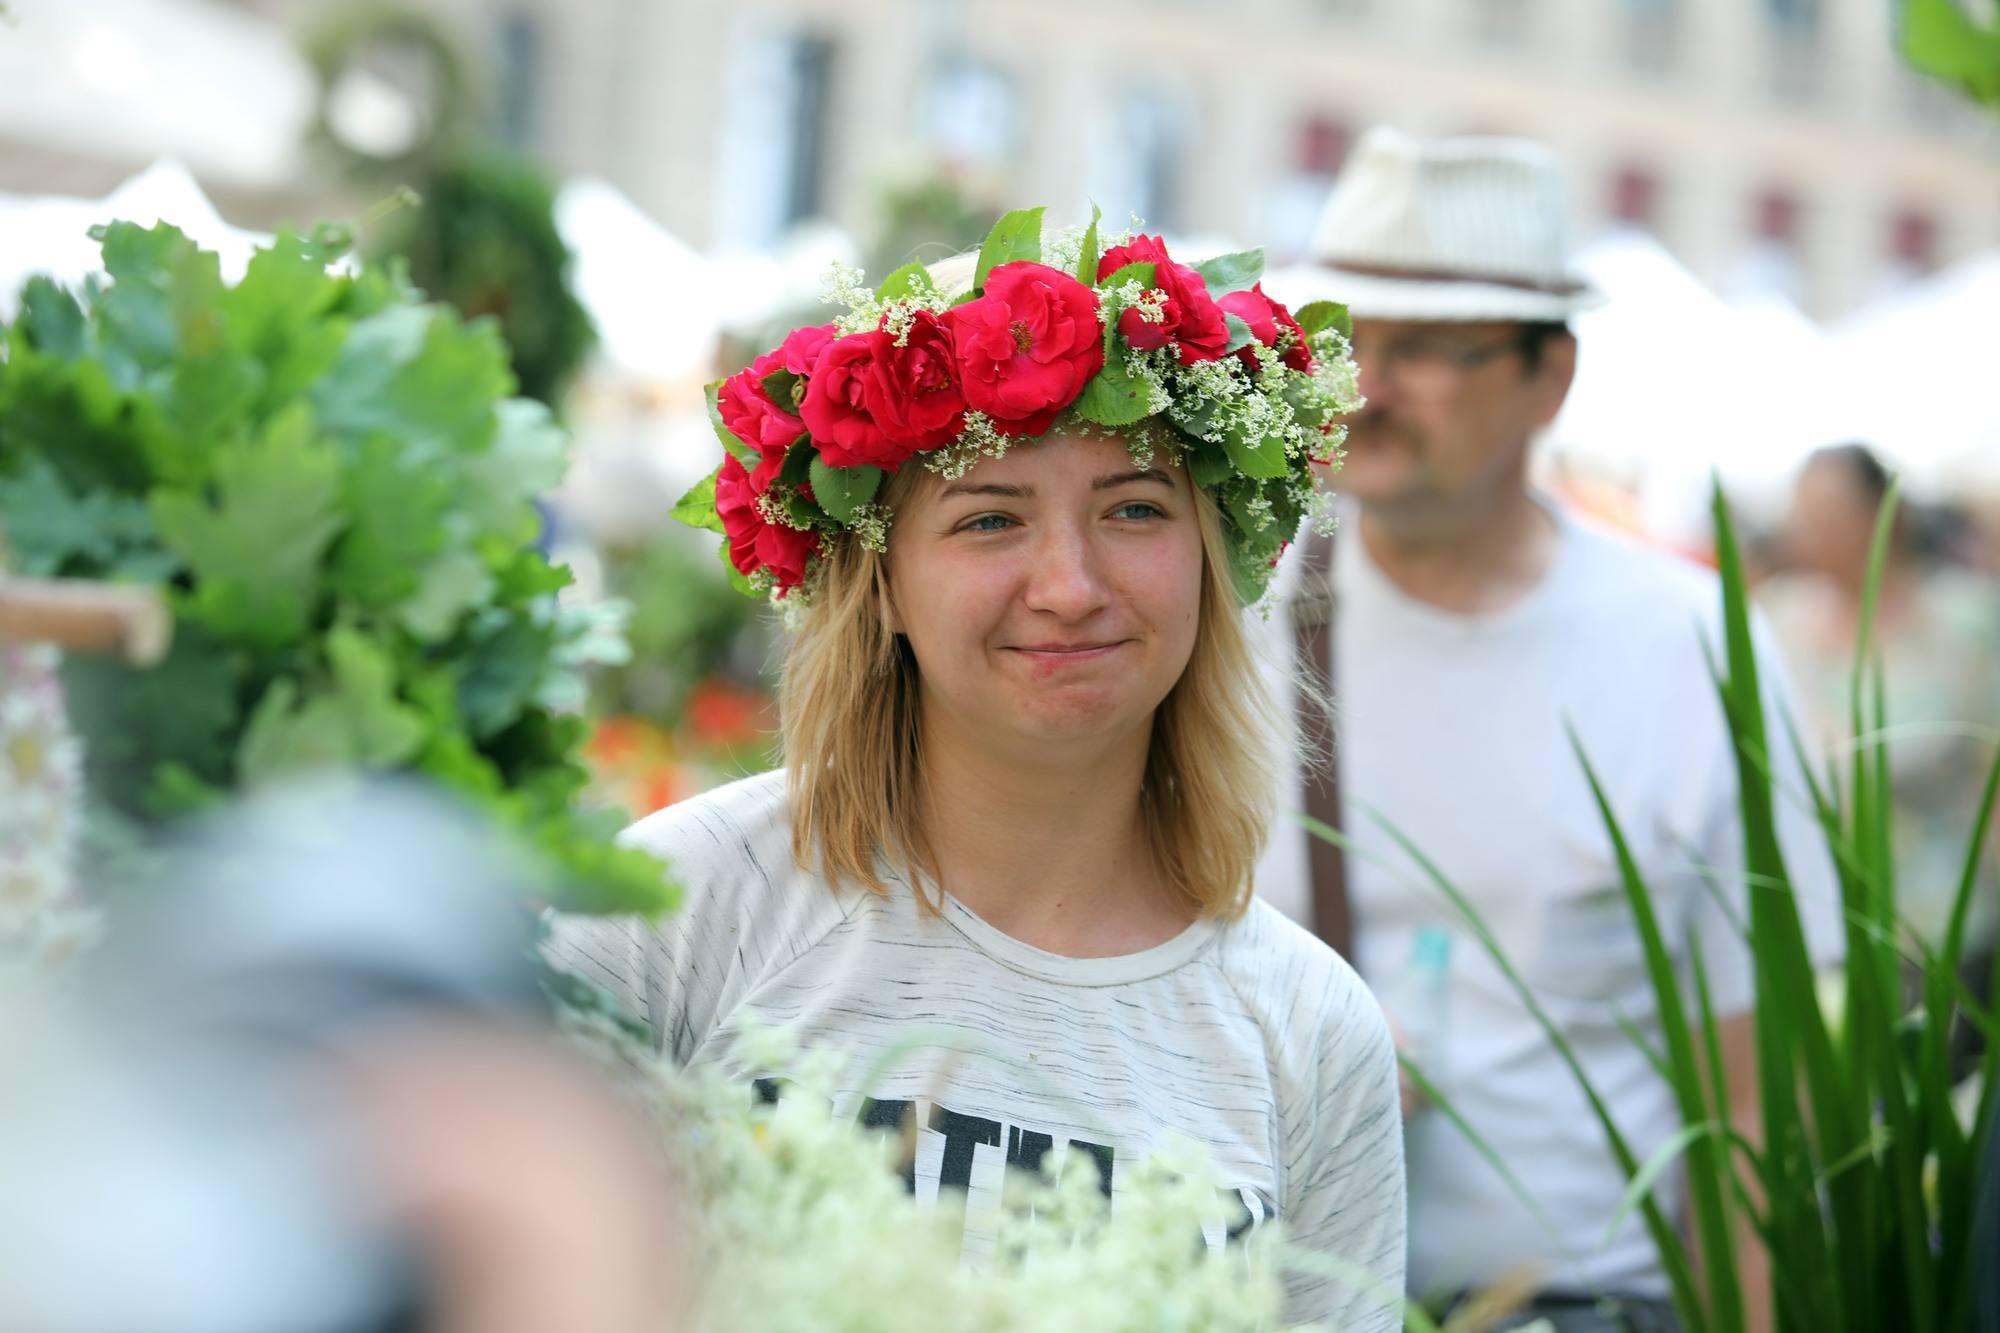 bob rubio con vincha de flores